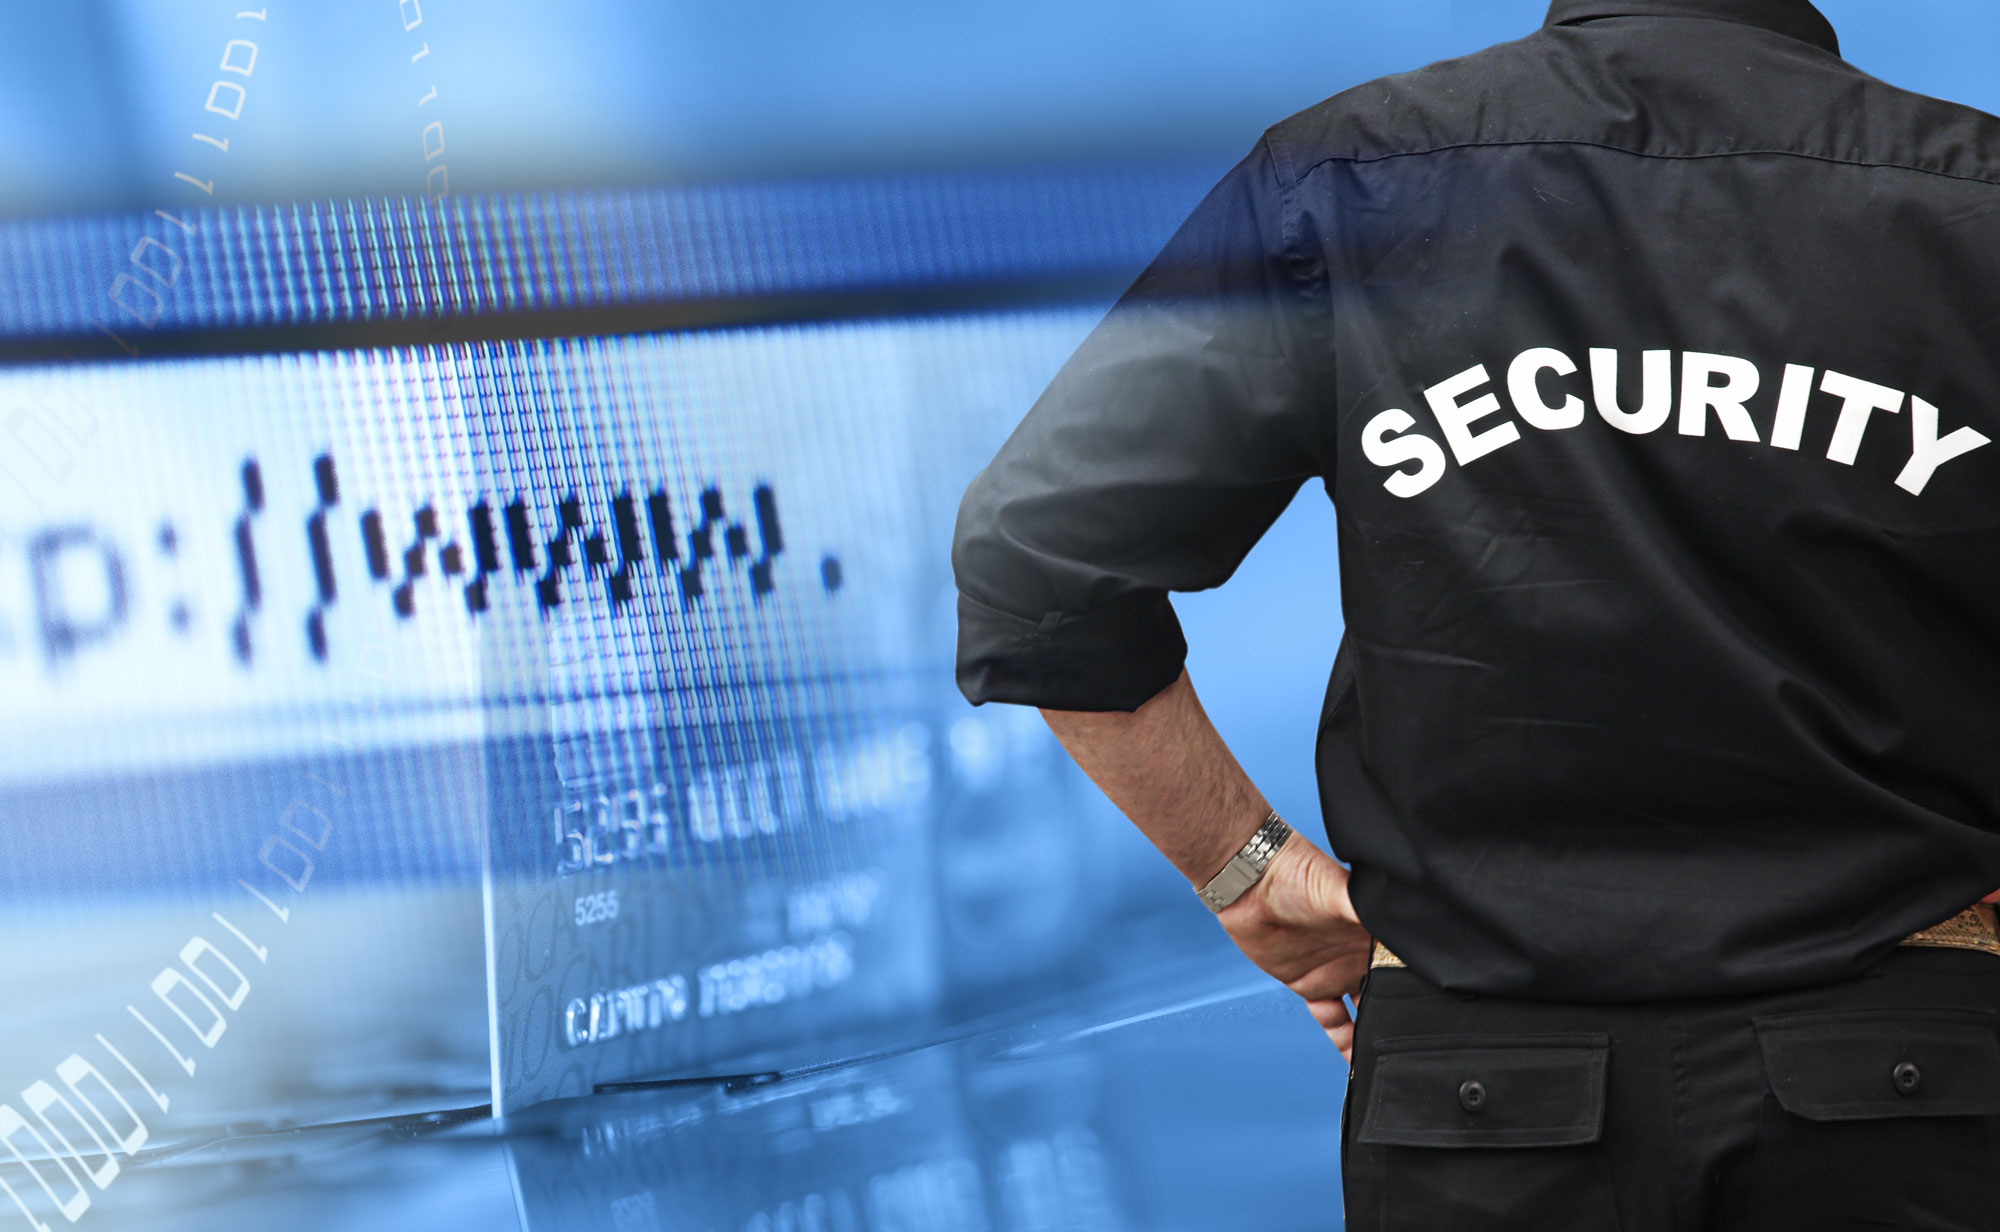 securityguard.jpg